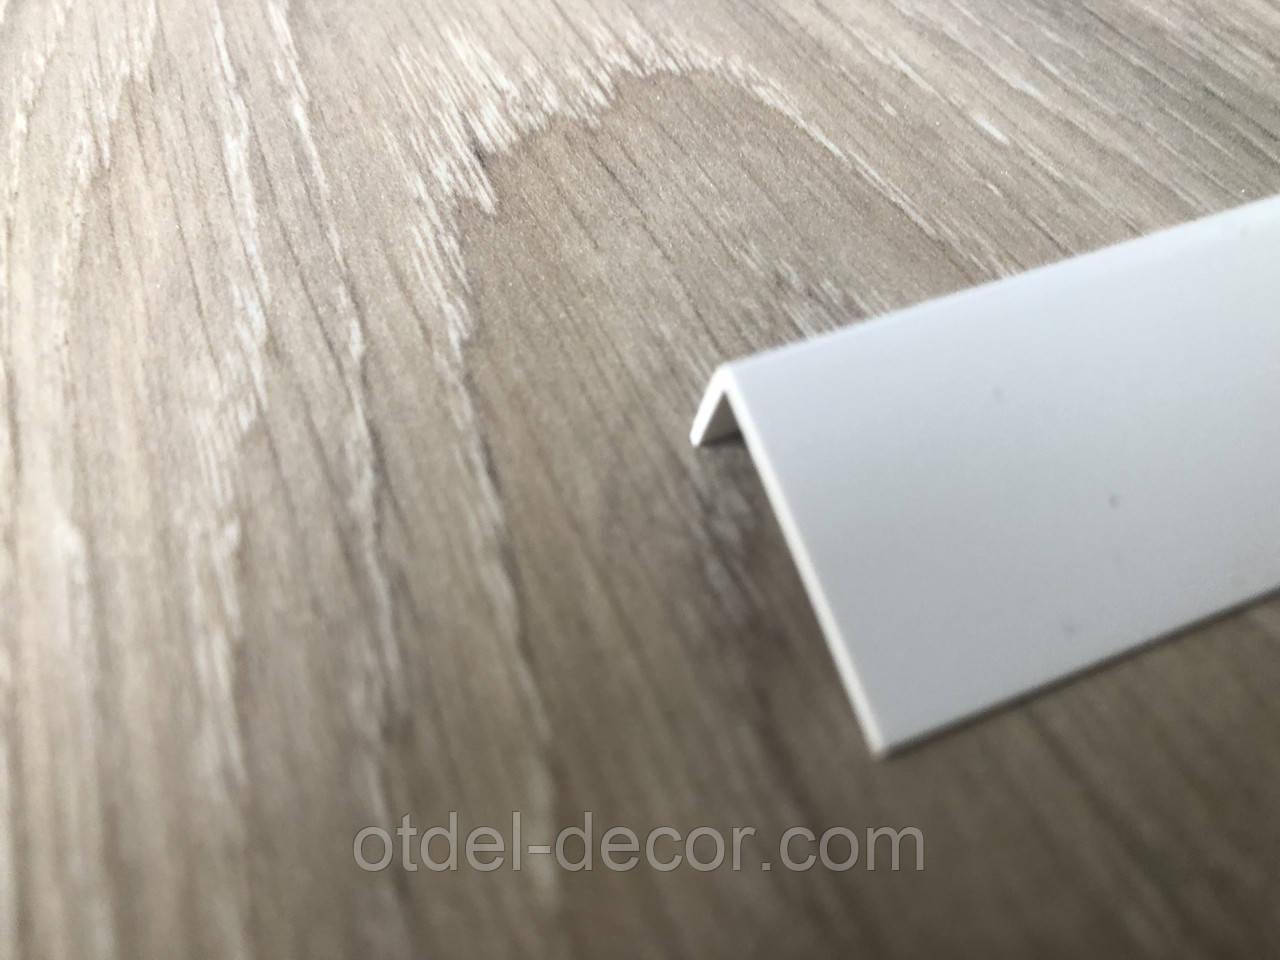 Уголок декоративный ПВХ белый 10x20x2750 мм, Белый Арочный